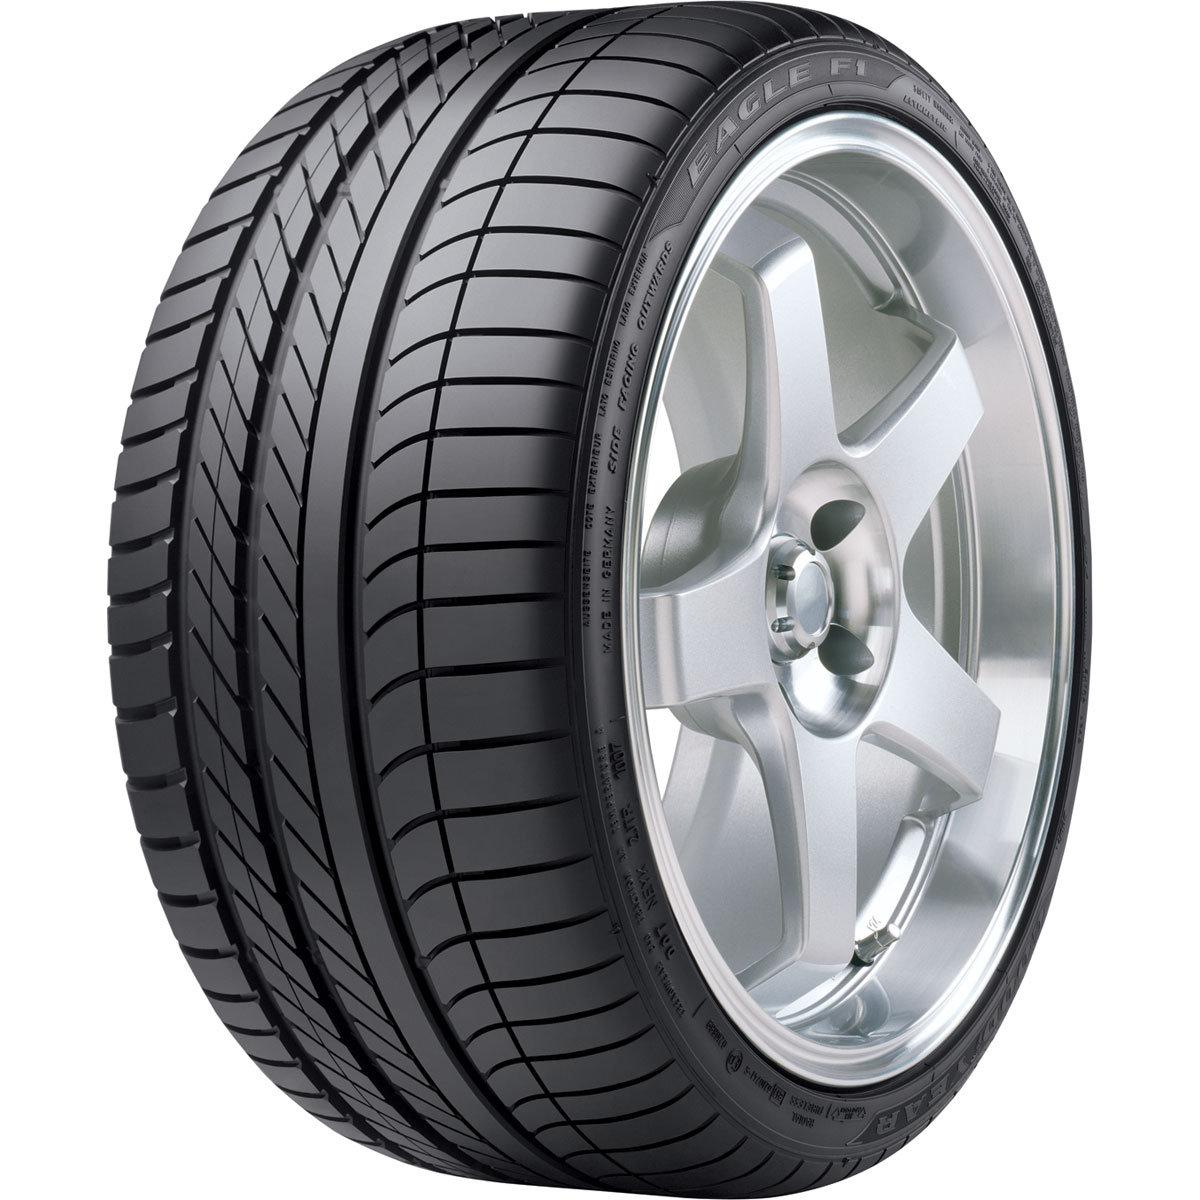 Neumático GOODYEAR EAGLE F1 ASYMMETRIC 255/45R19 104 Y